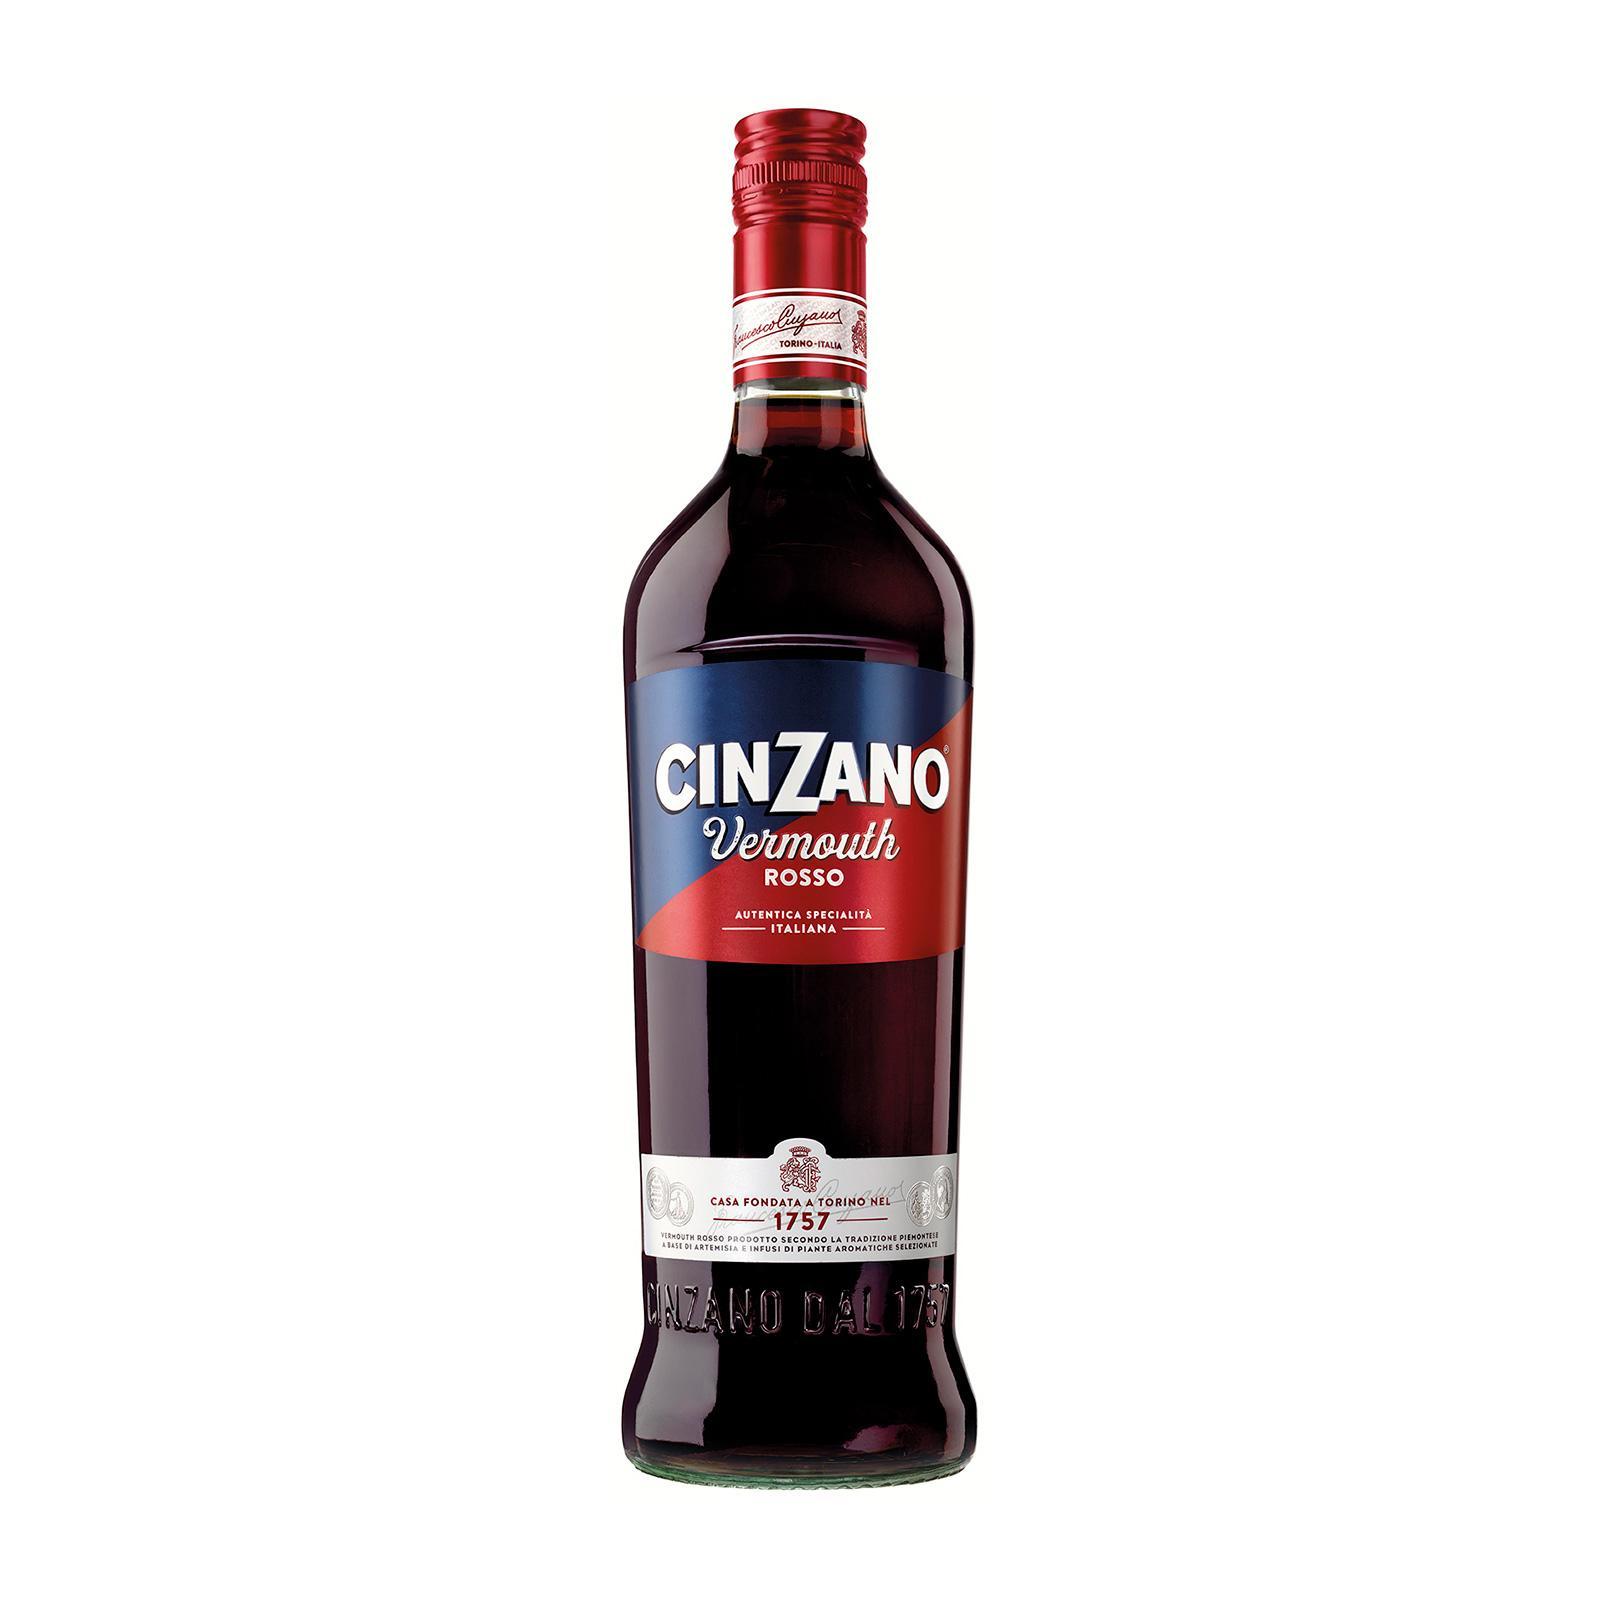 Cinzano Vermouth Rosso 750 mL